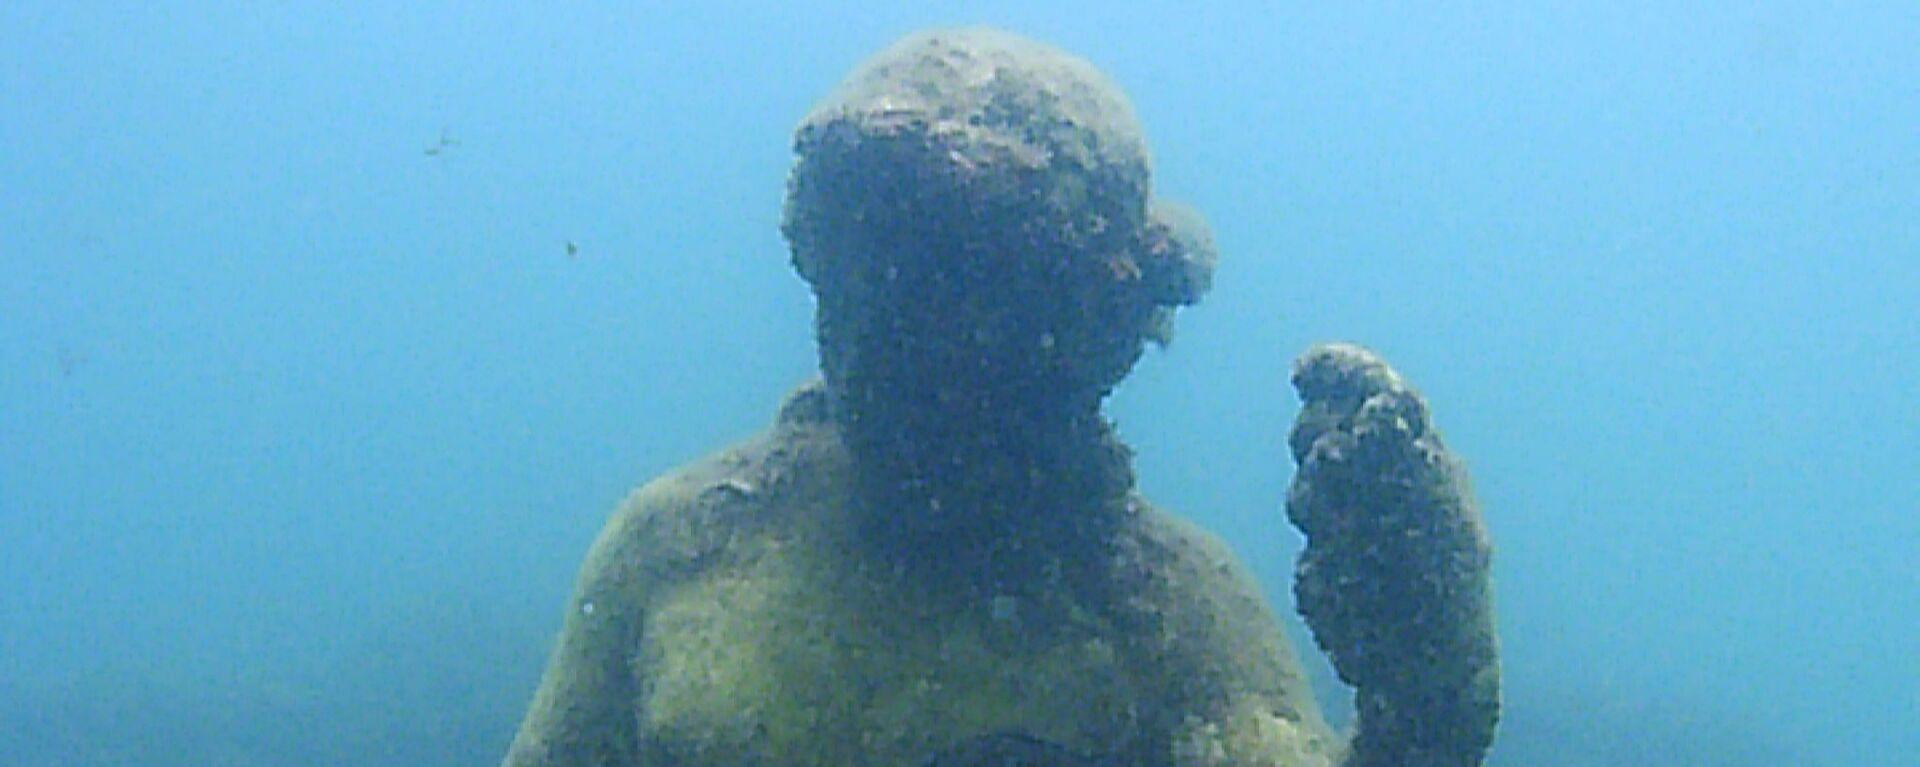 Статуя в затопленном археологическом парке Байи - Sputnik Արմենիա, 1920, 30.03.2021